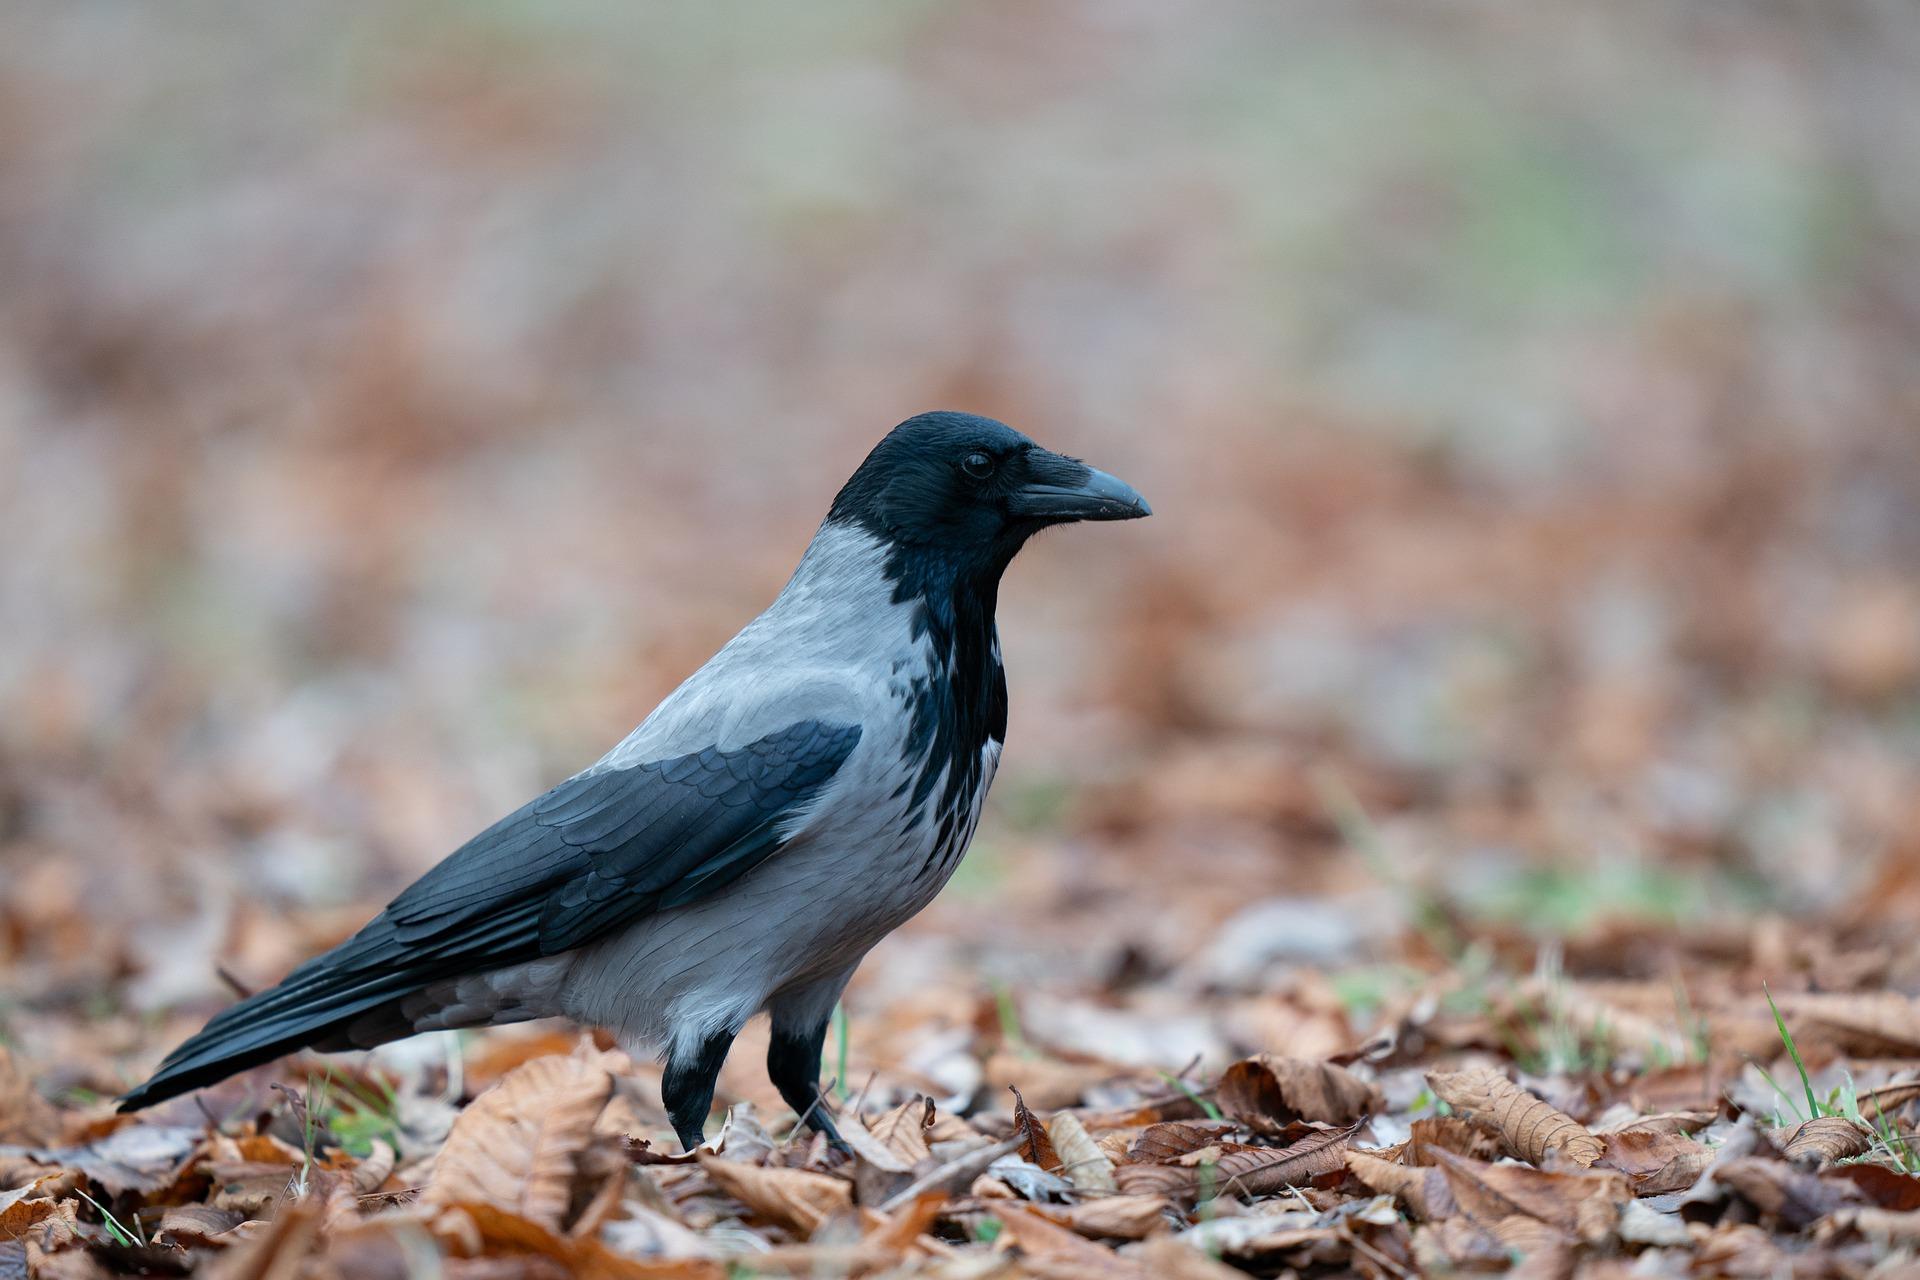 Városokban is találkozhat az ember ezzel a hamuszürke és fekete tollú madárral. Hogy hívják?